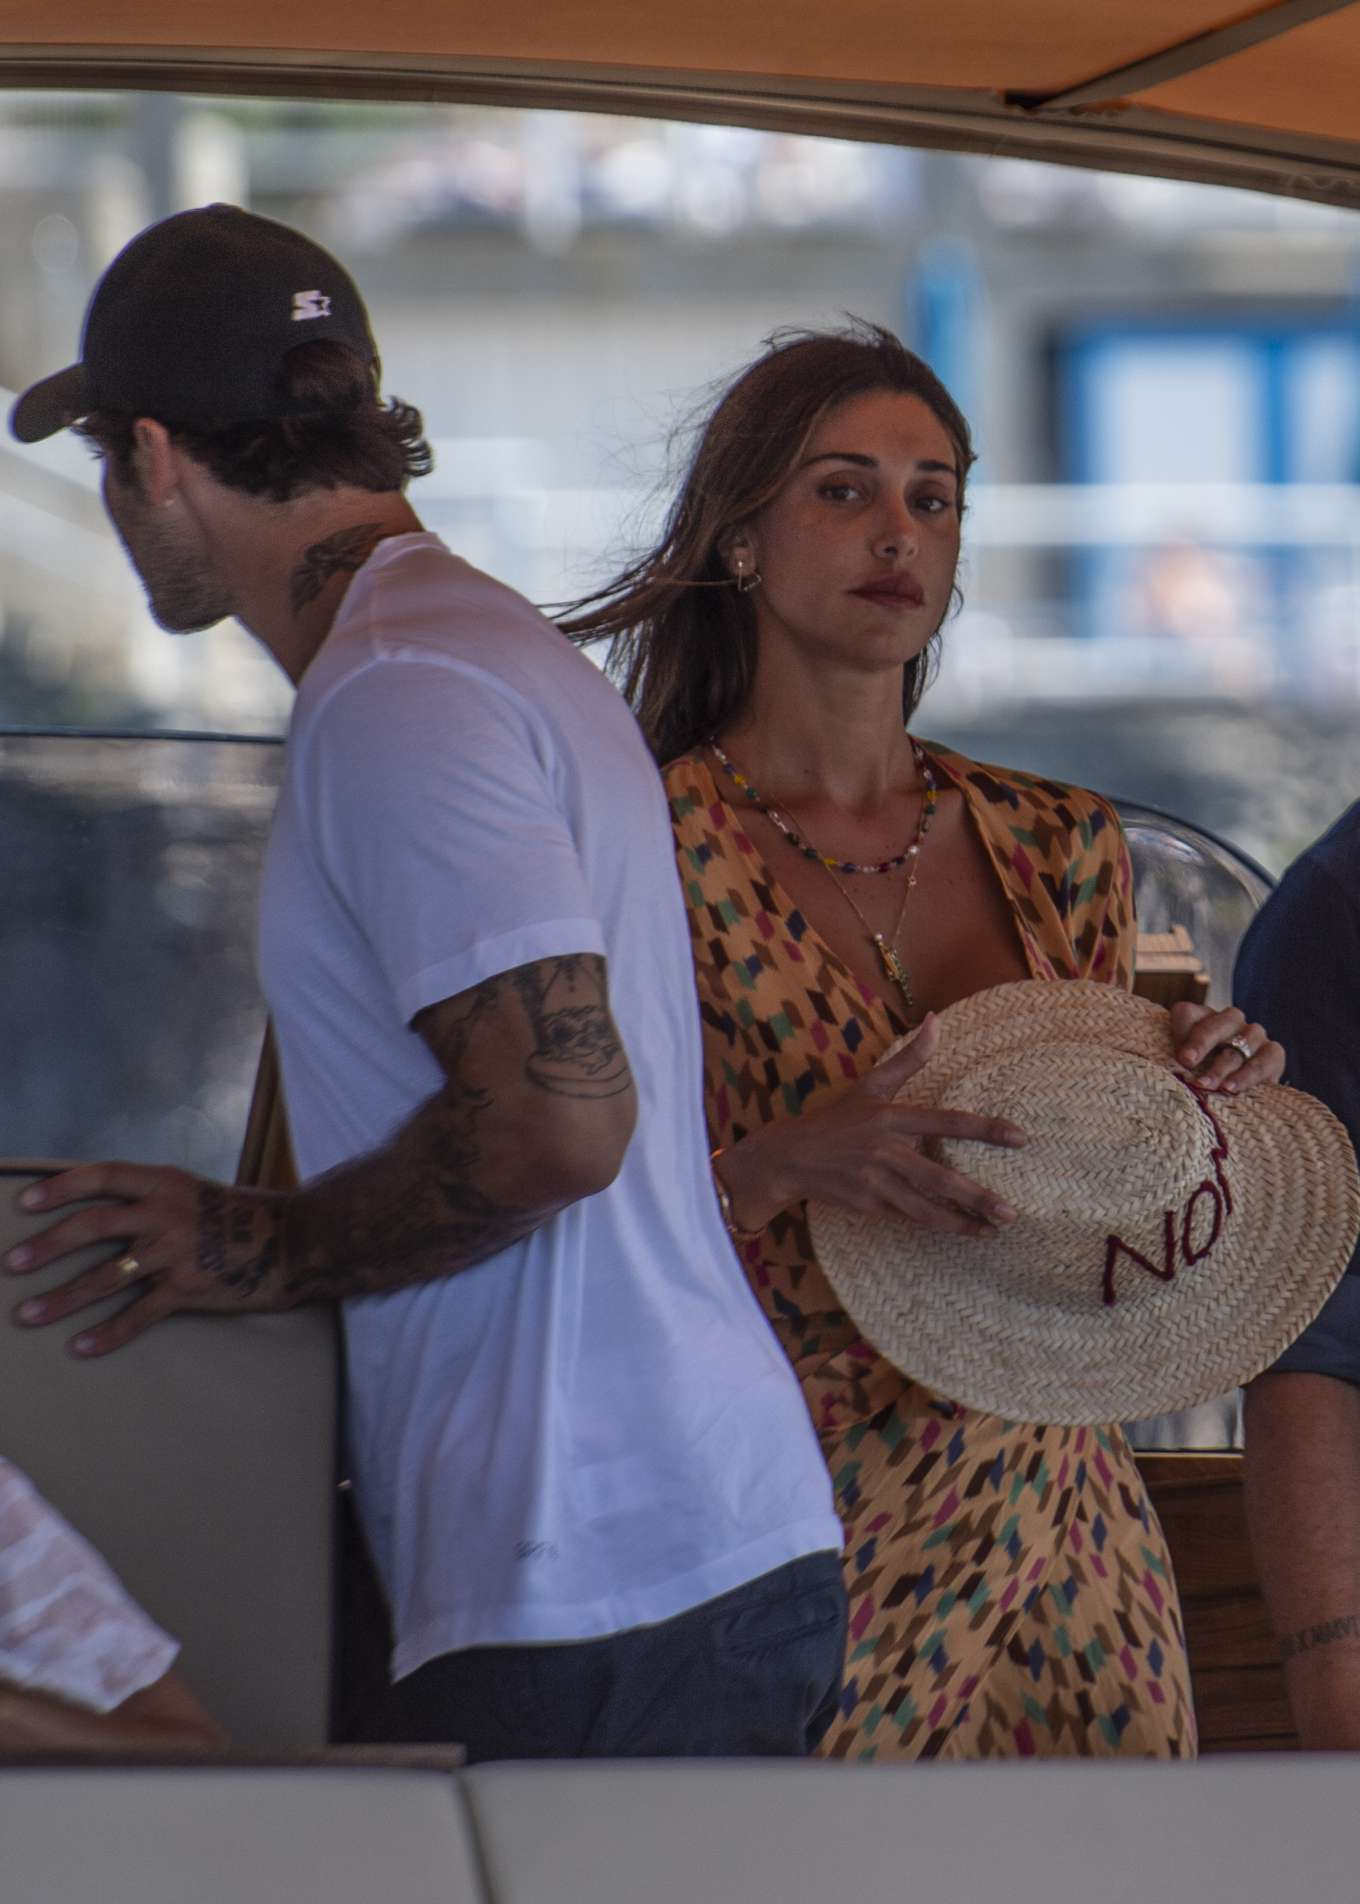 Belen Rodriguez 2019 : Belen Rodriguez – On a Vacation in Capri-15